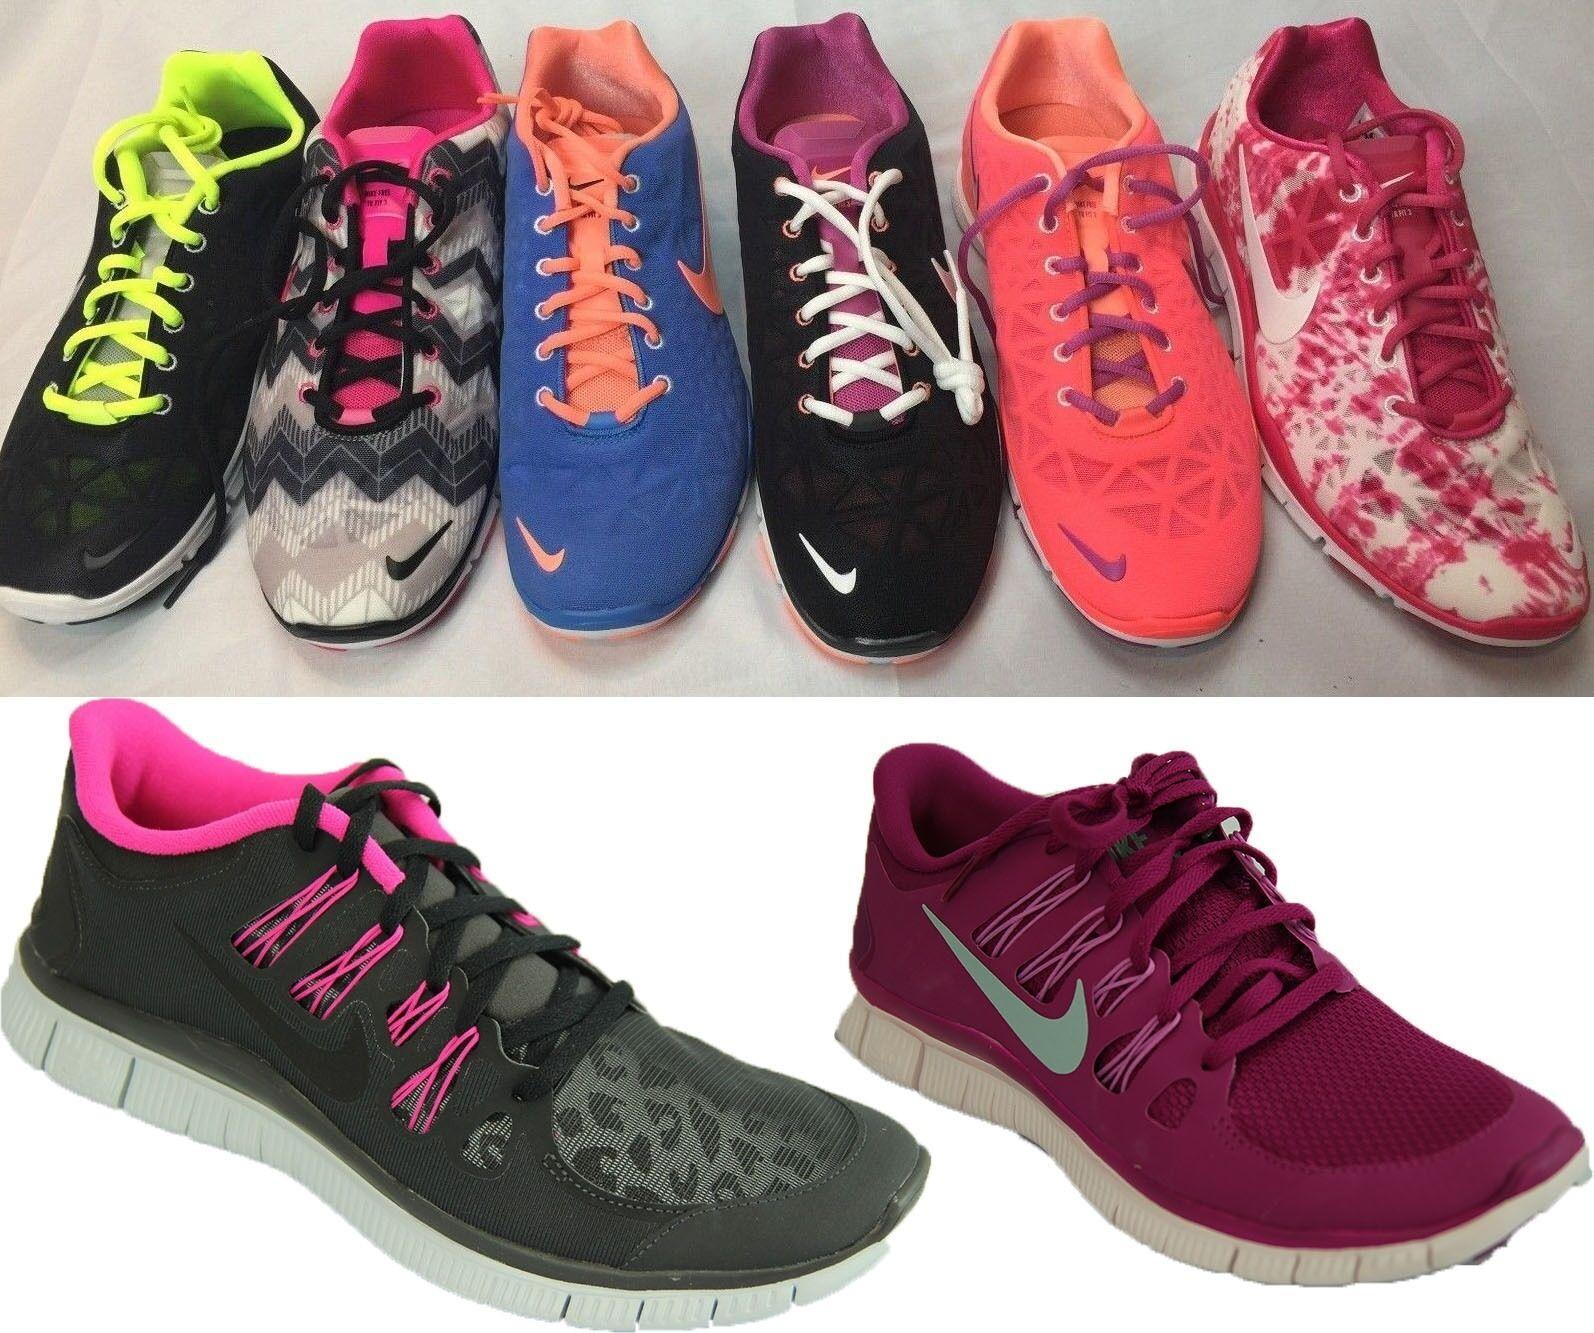 Nuove nike formazione scarpe da donna libera formazione nike corrispondono 3 stampa rosa nero: blu verde 5,0 e36589